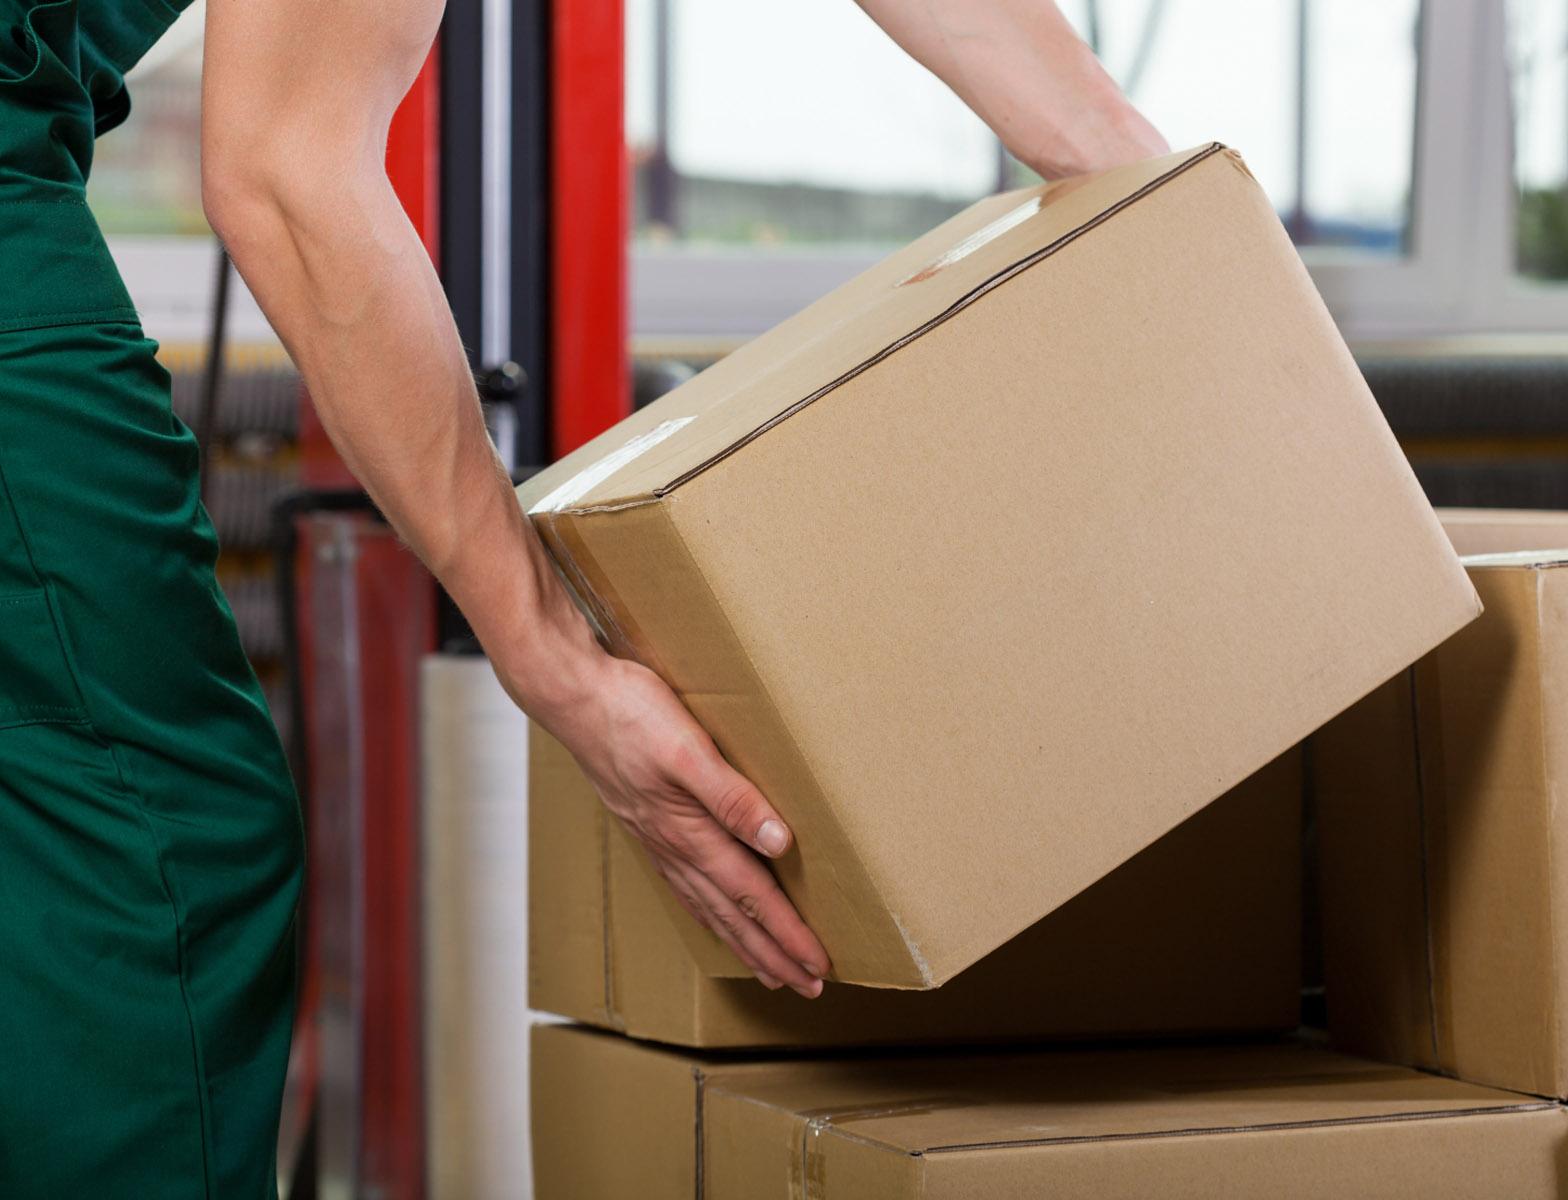 приемка товаров по количеству и качеству